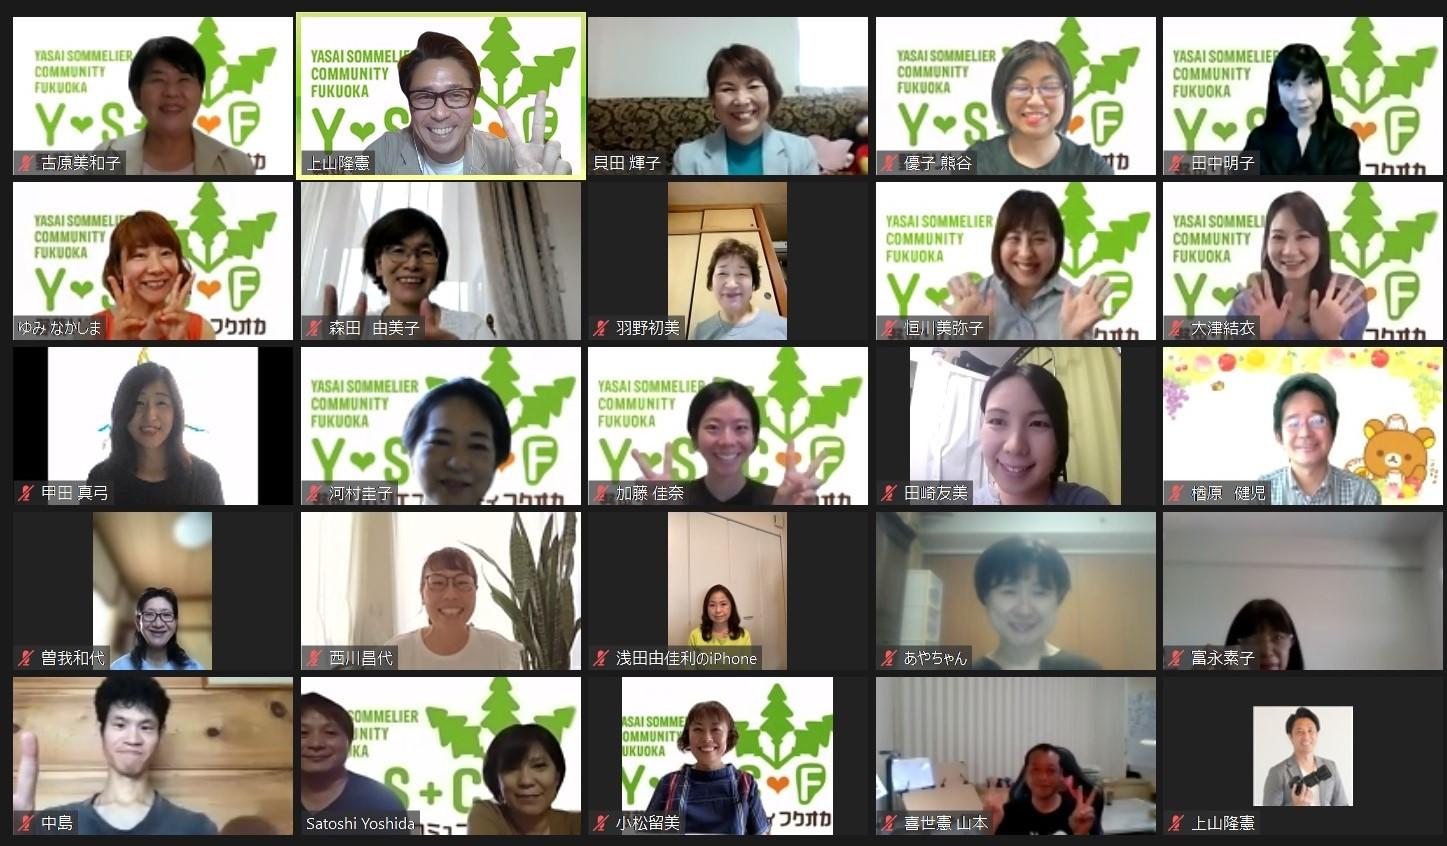 2020年度野菜ソムリエコミュニティ福岡 総会レポート_b0206253_08023957.jpg